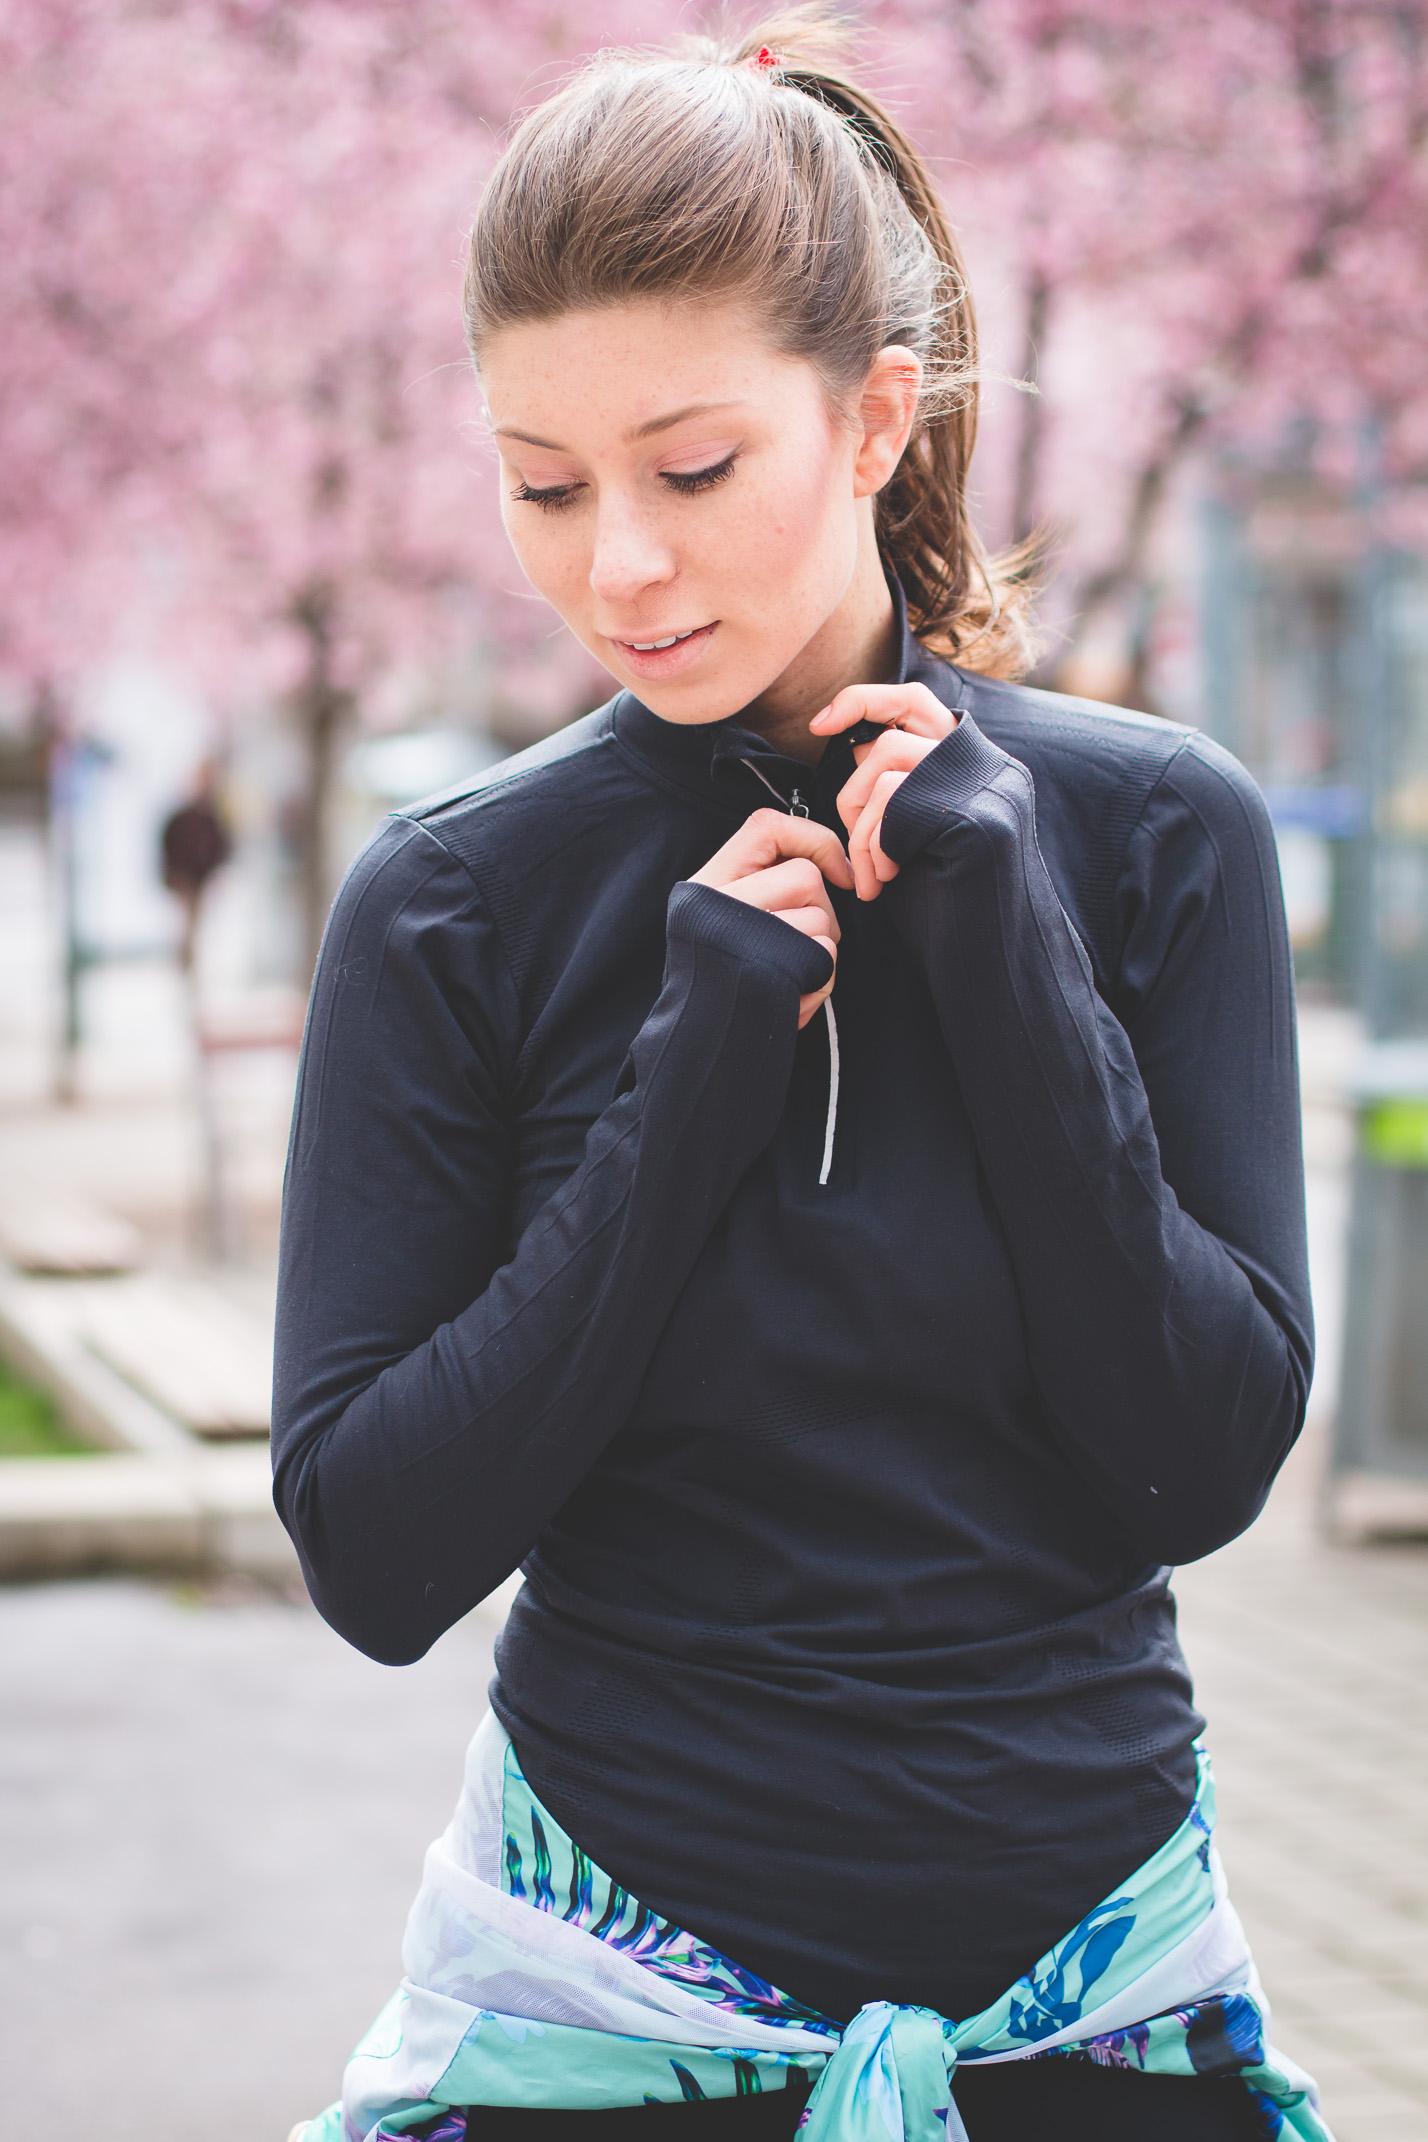 5 ways to a healthier lifestyle